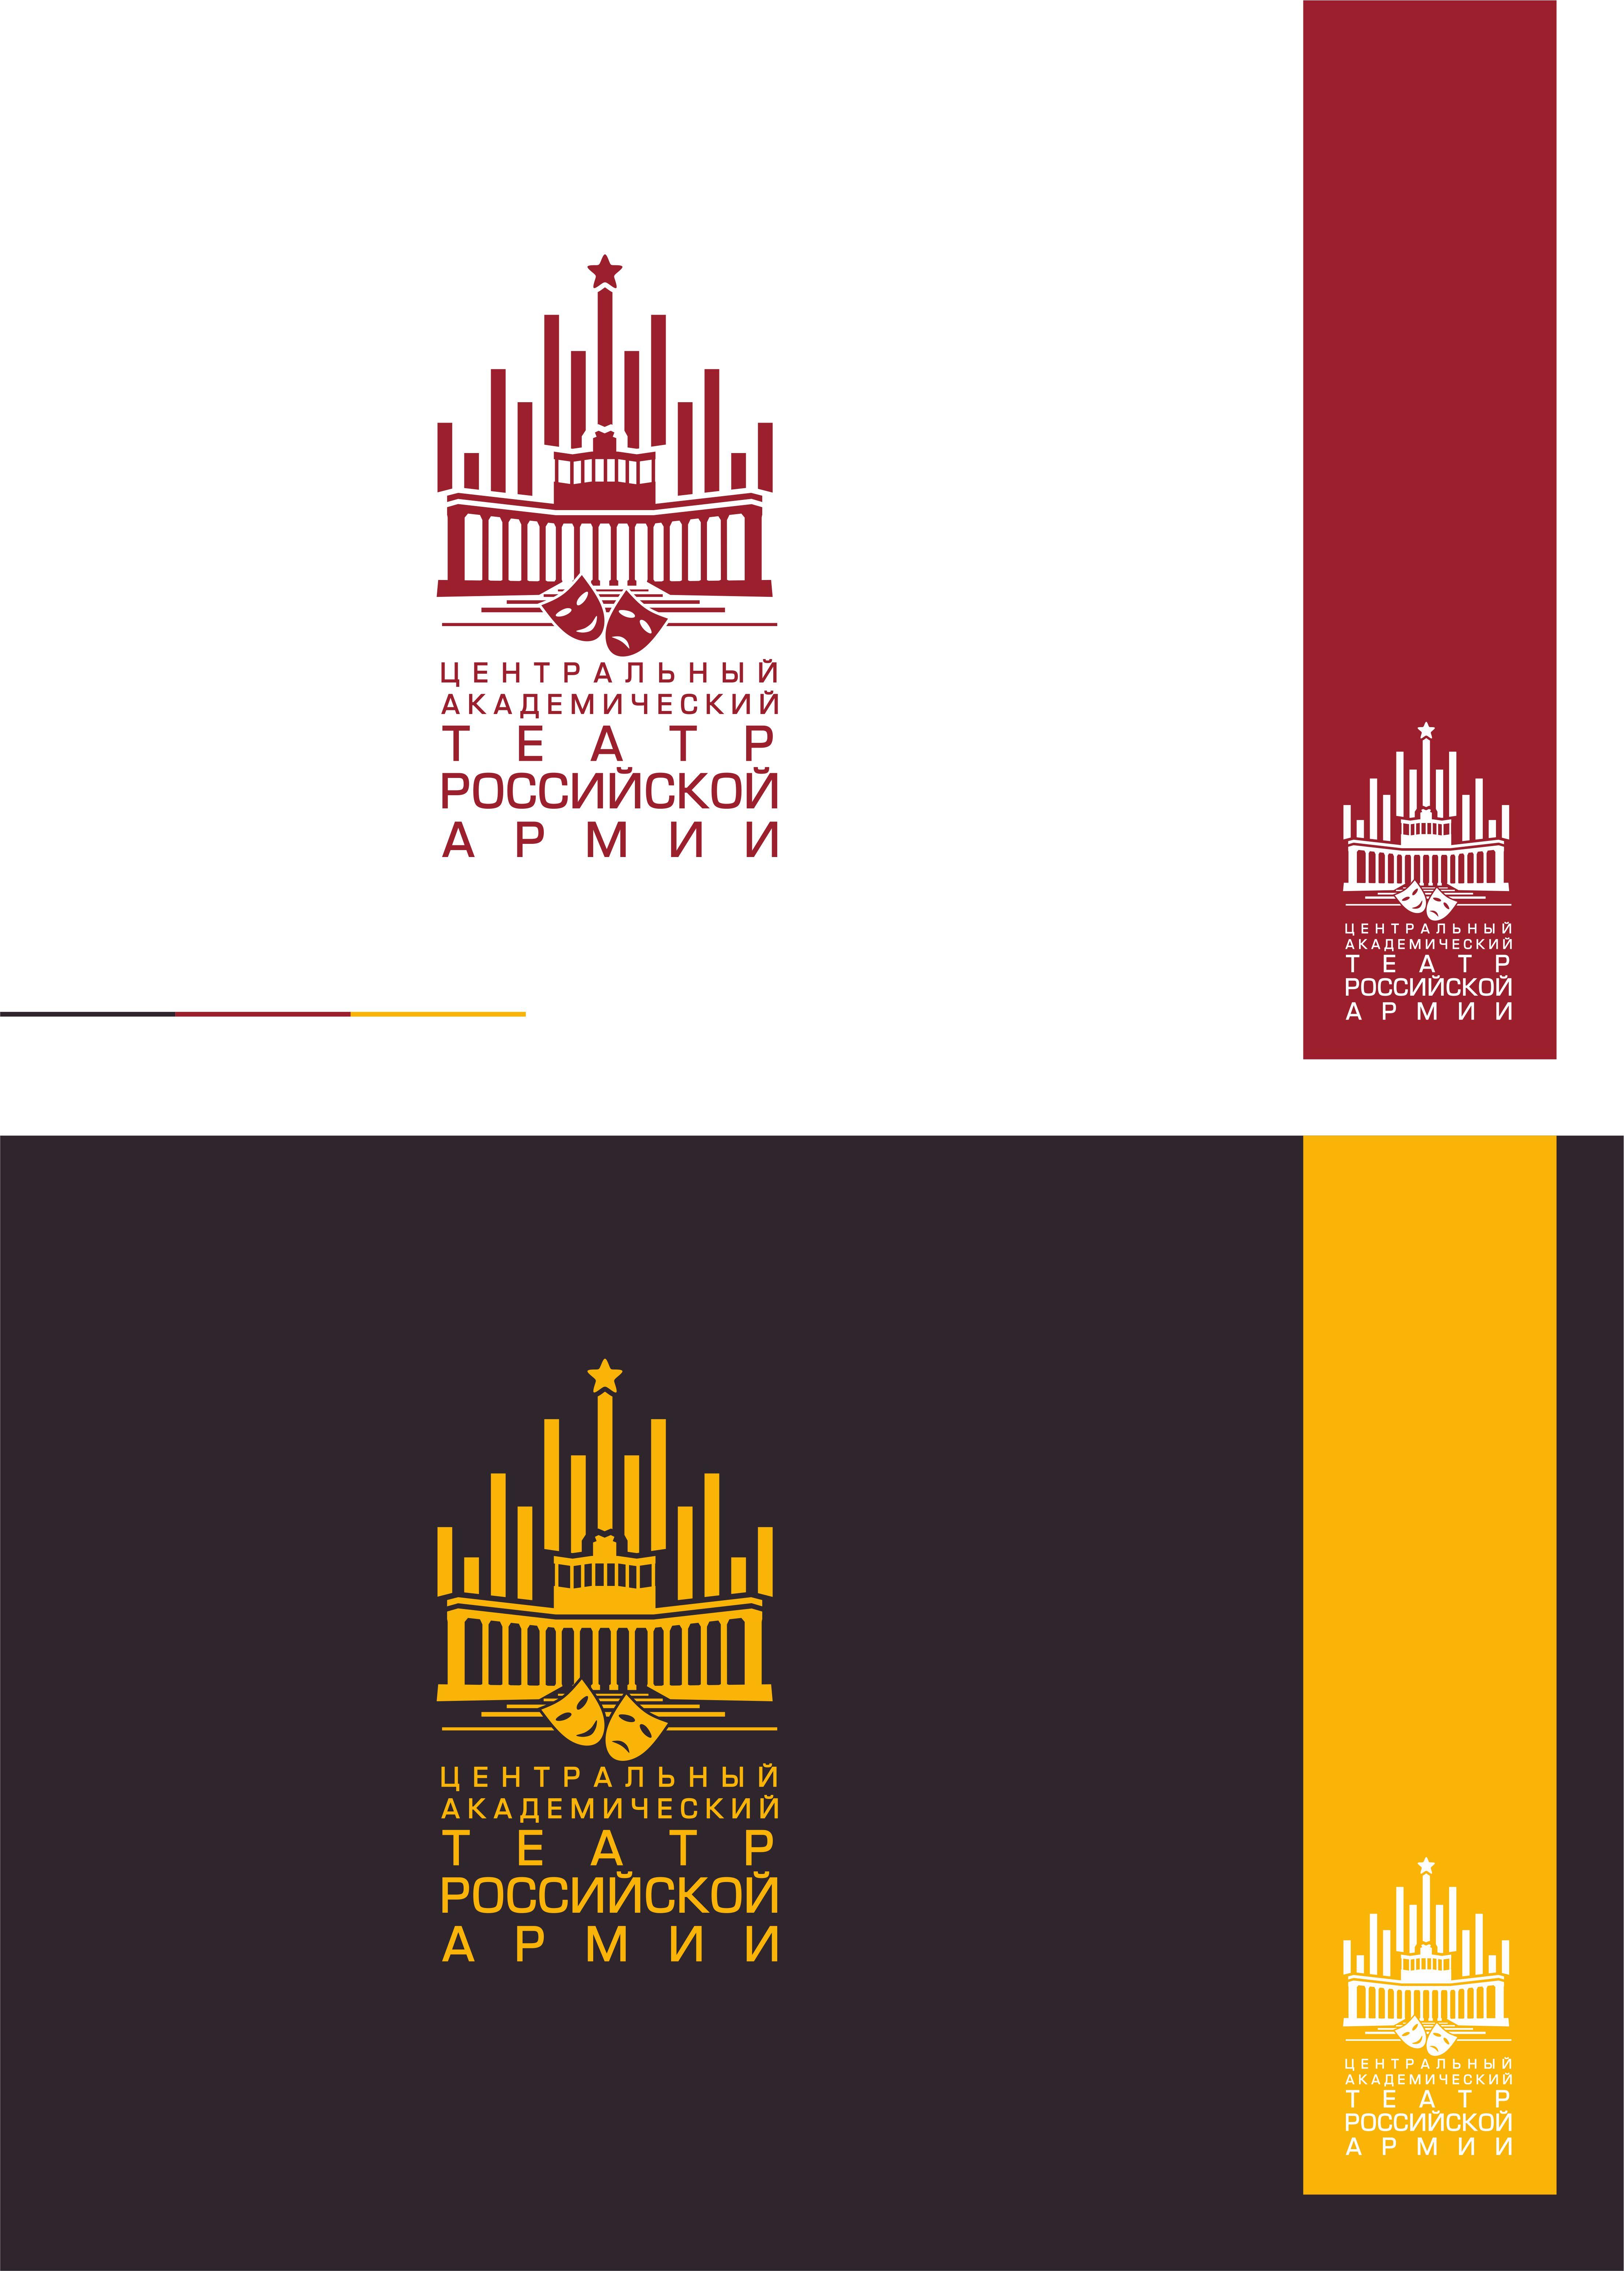 Разработка логотипа для Театра Российской Армии фото f_622588ce80b89d58.jpg